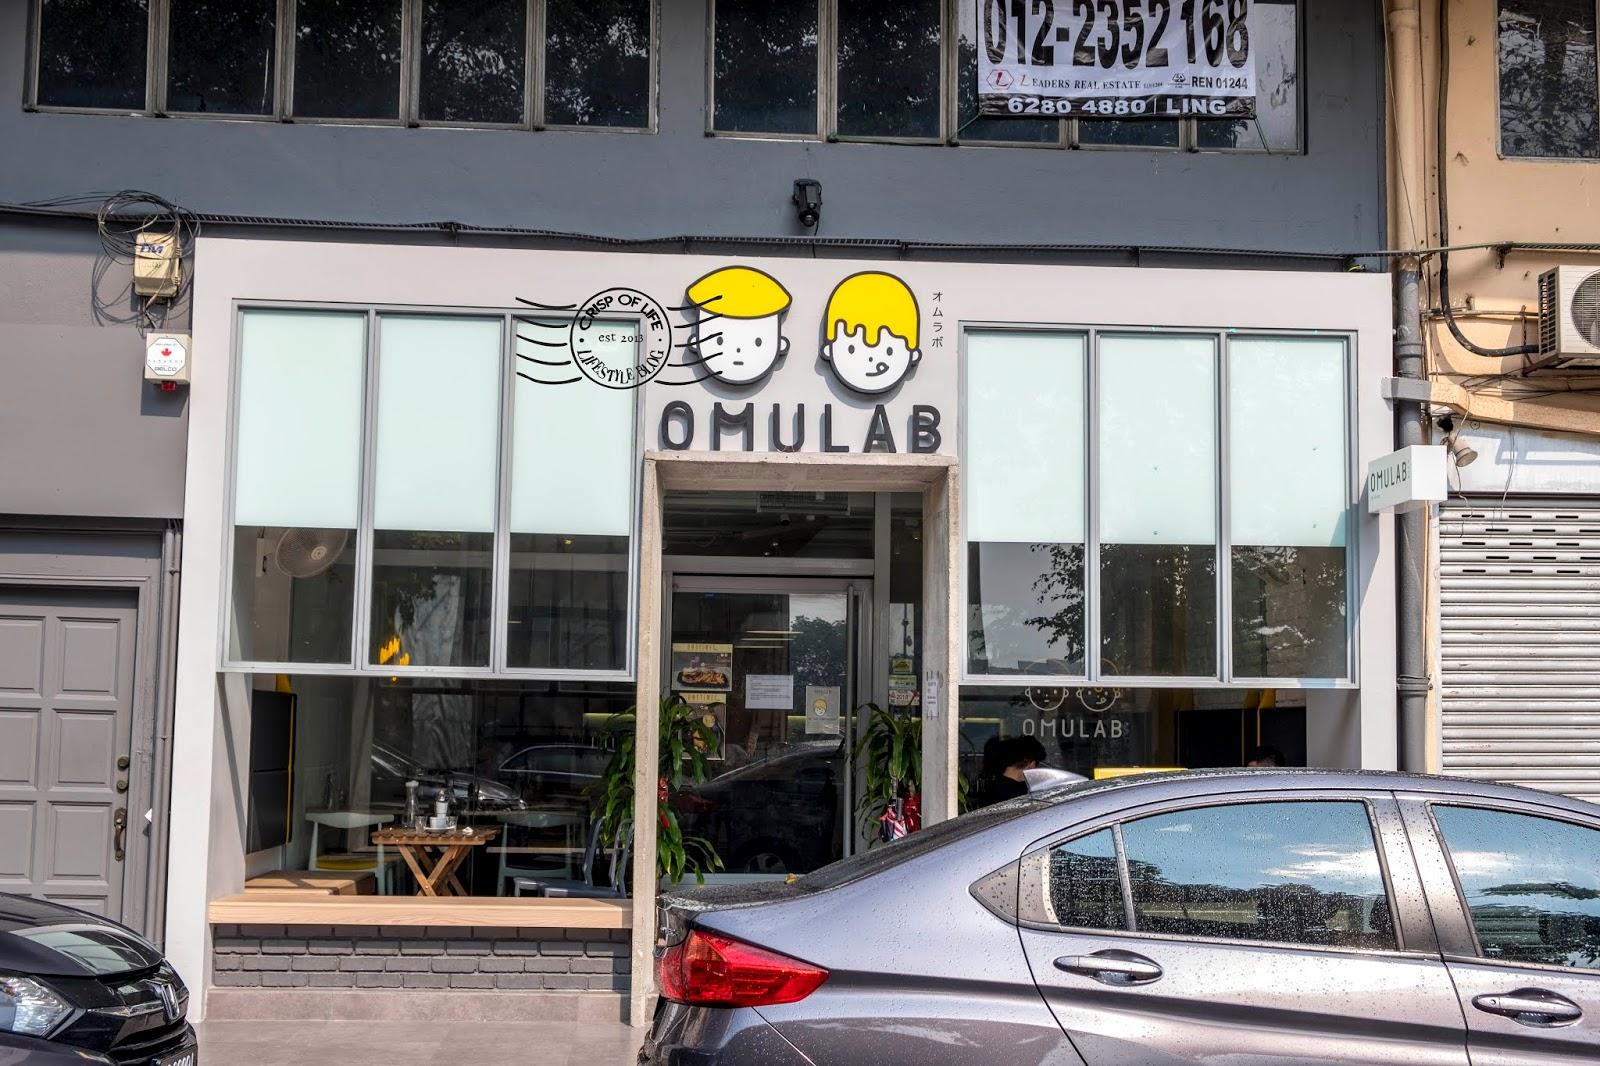 Omulab @ Petaling Jaya, Selangor